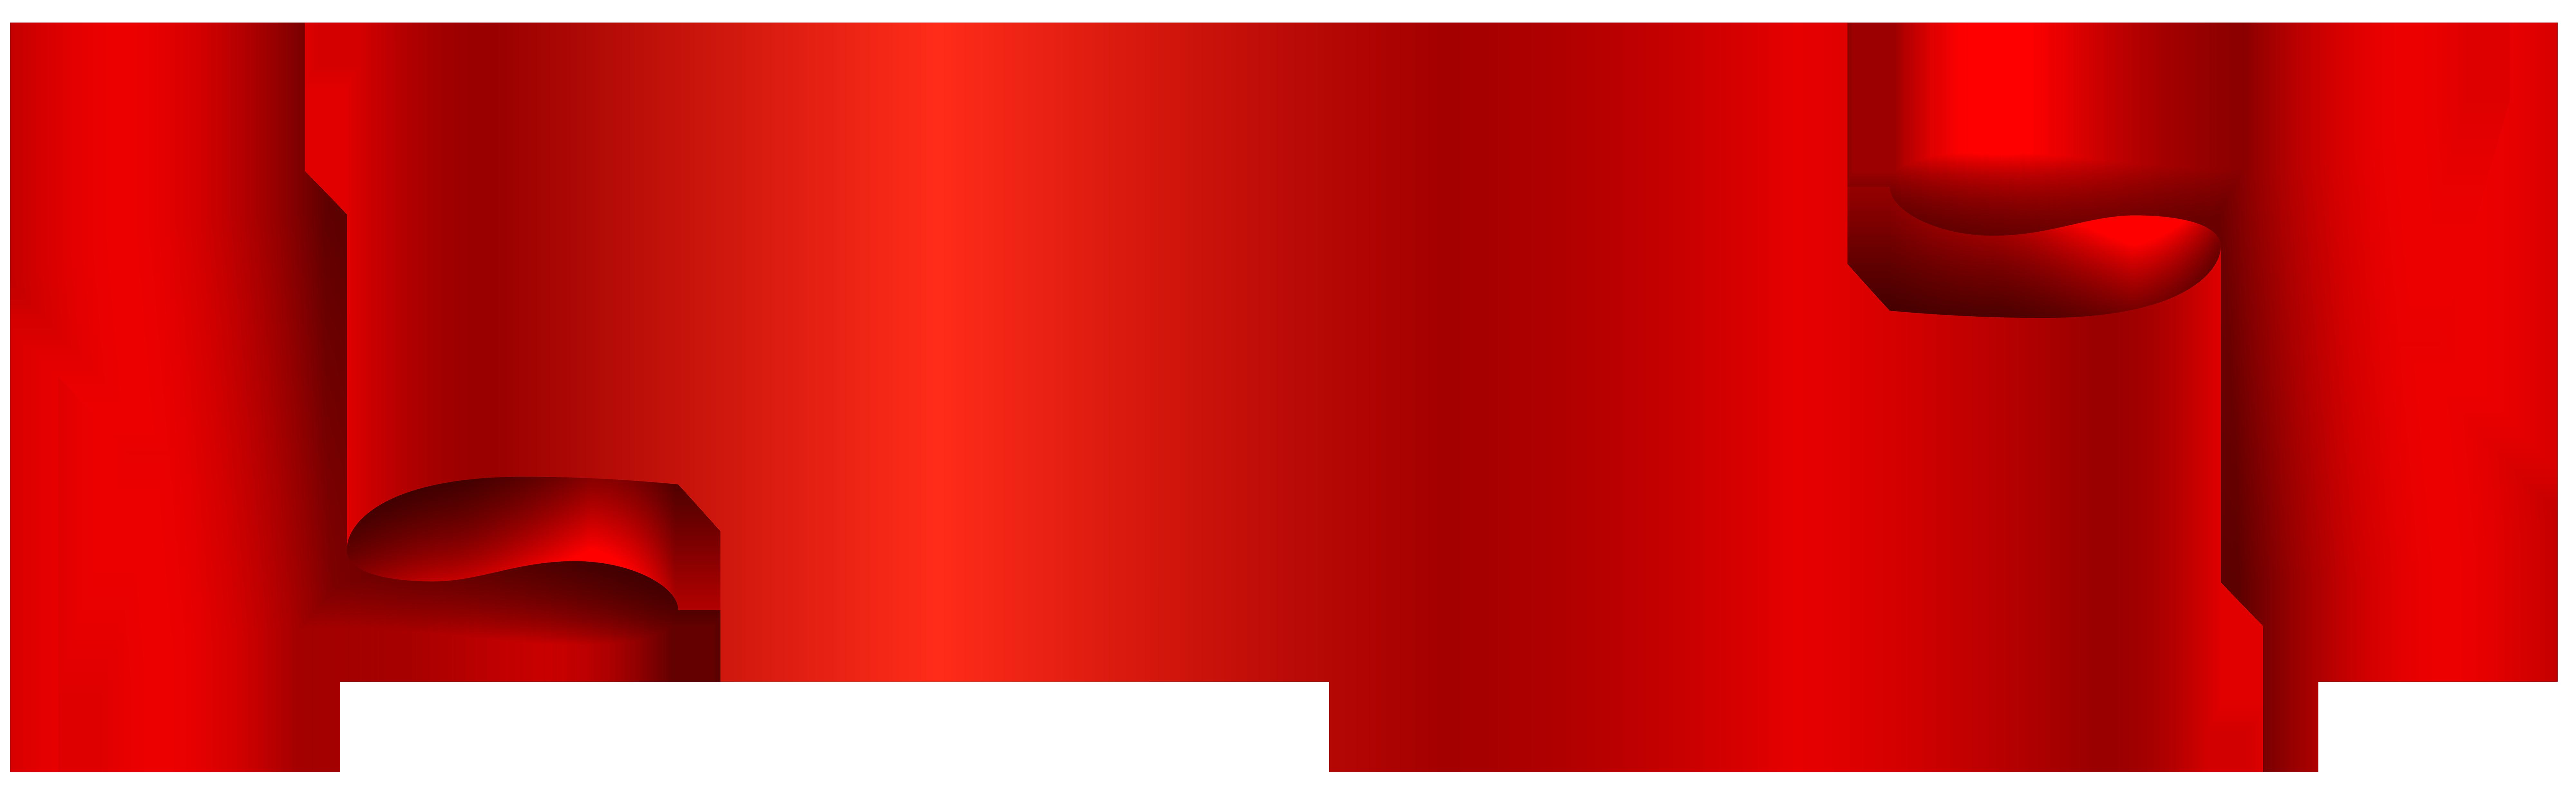 Bandeira vermelha PNG transparente Clip Art imagem ...